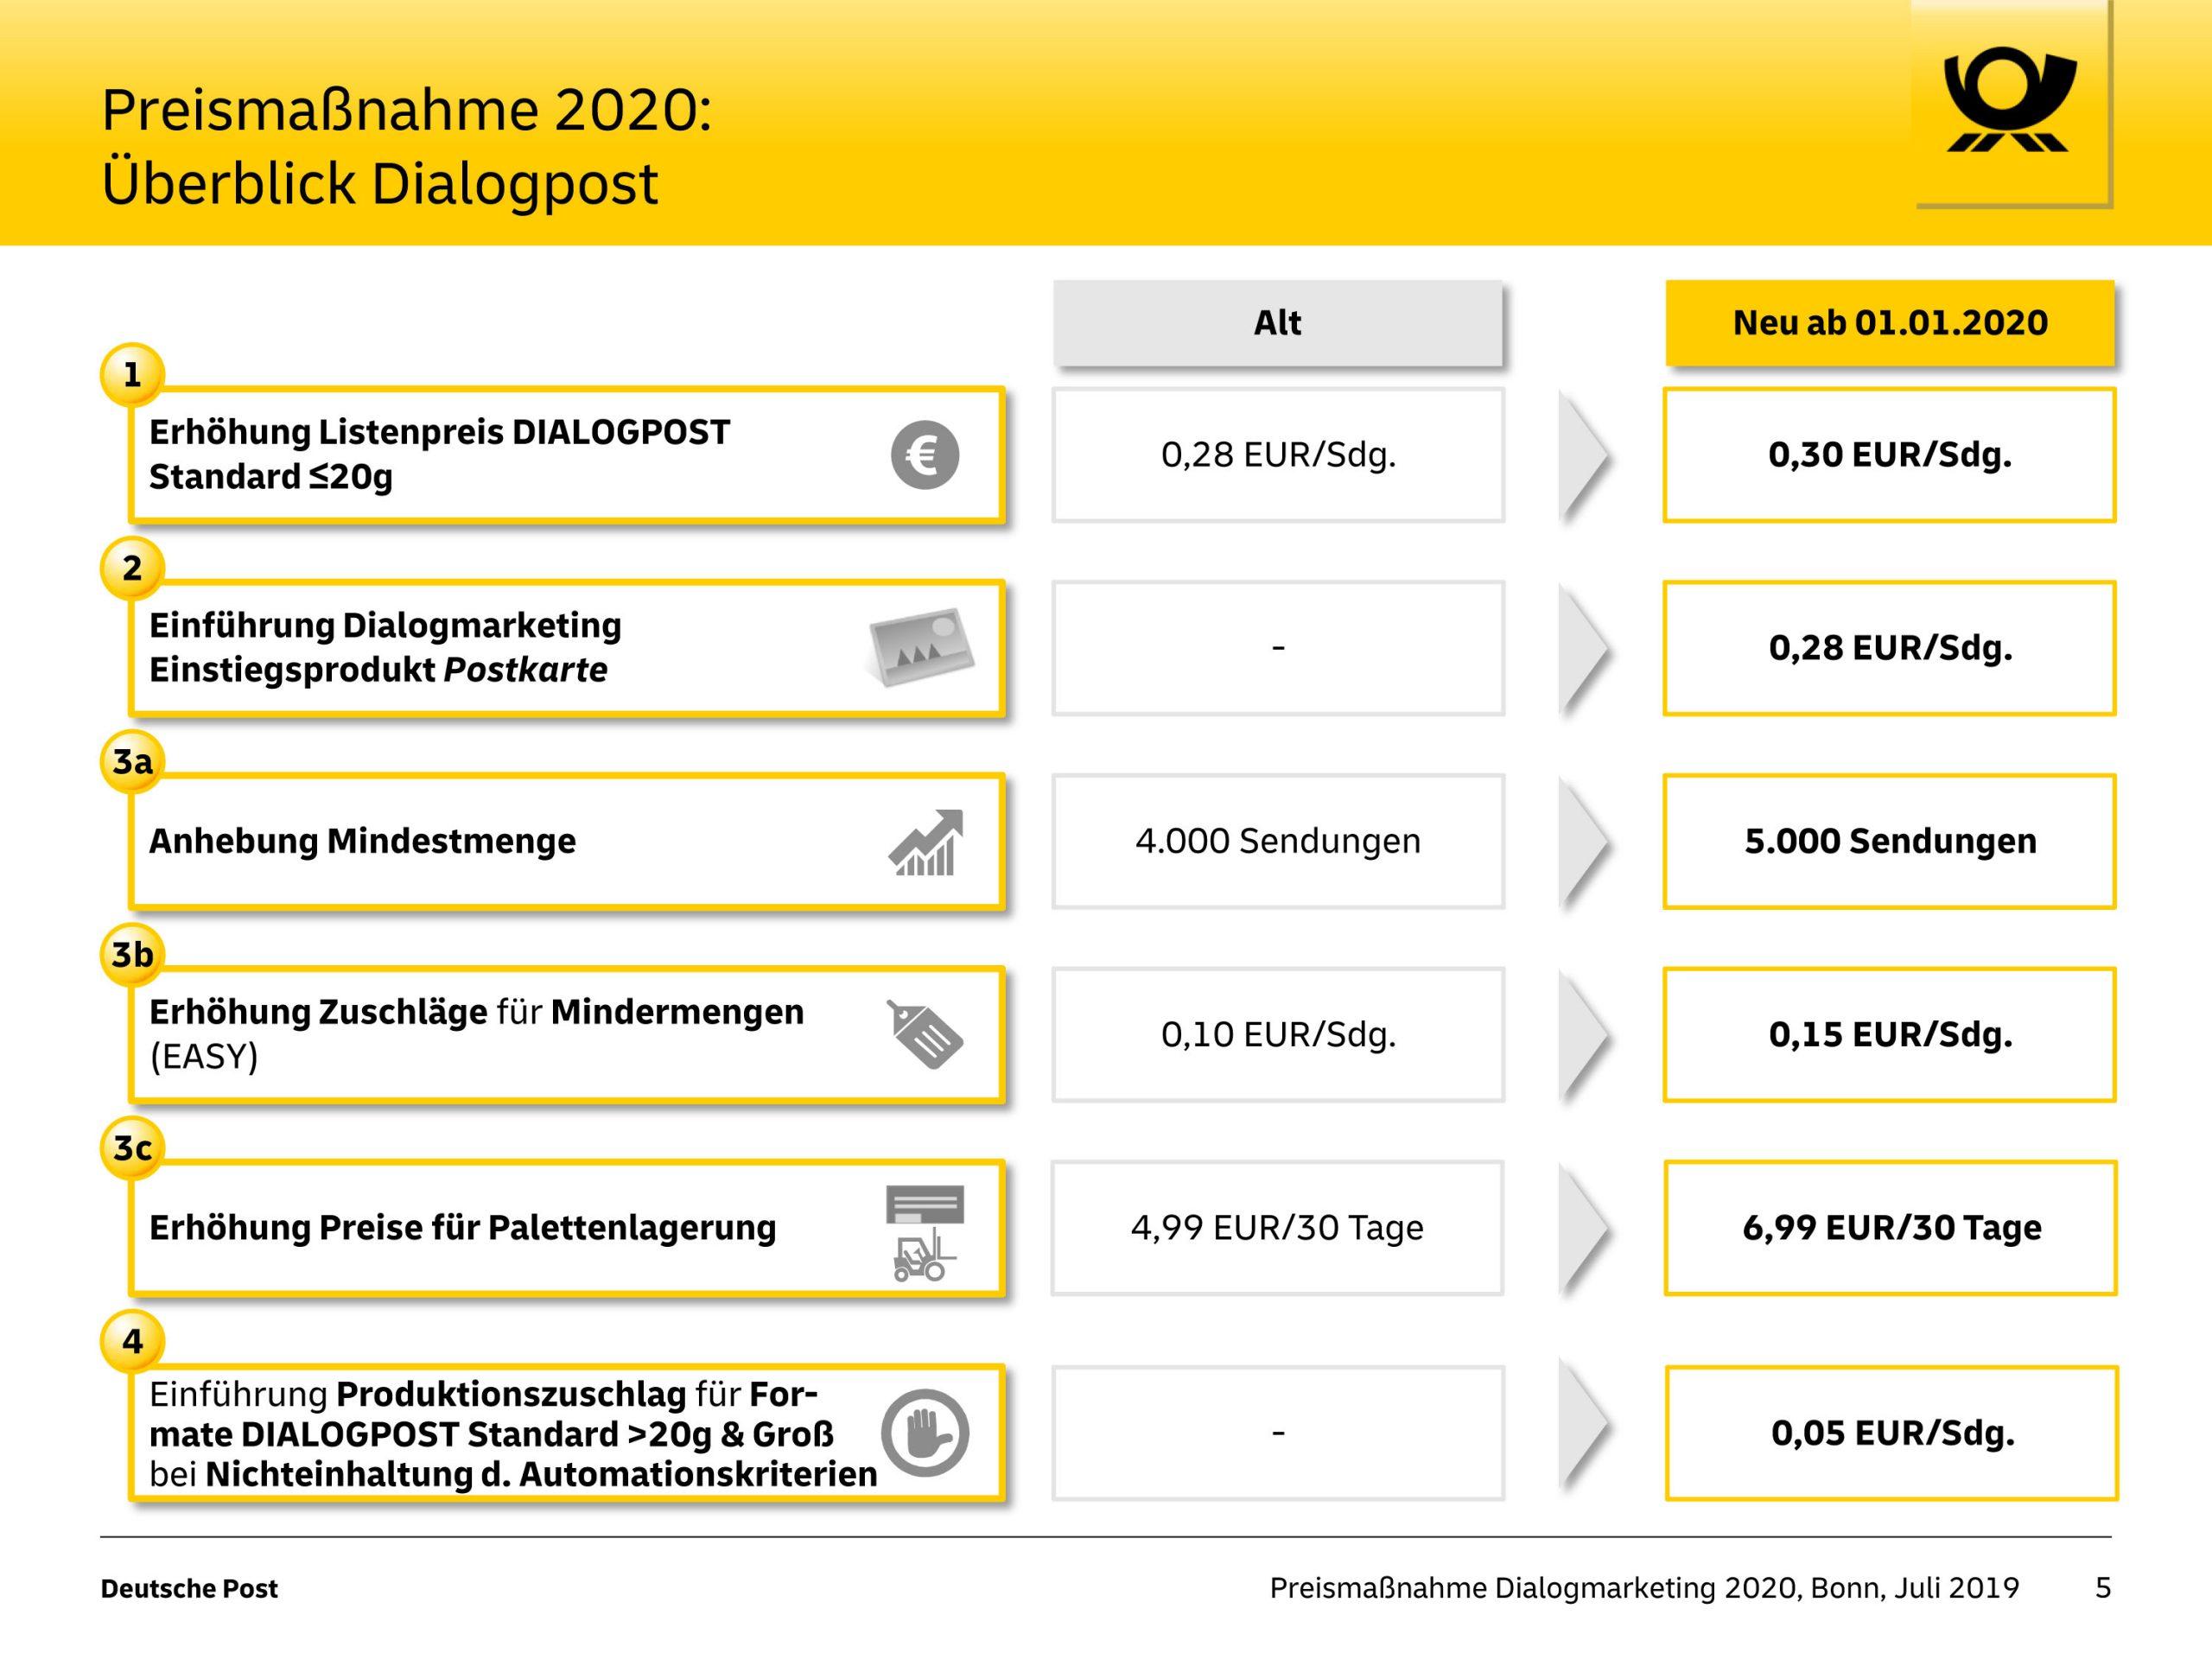 Änderungen Dialogpost 2020